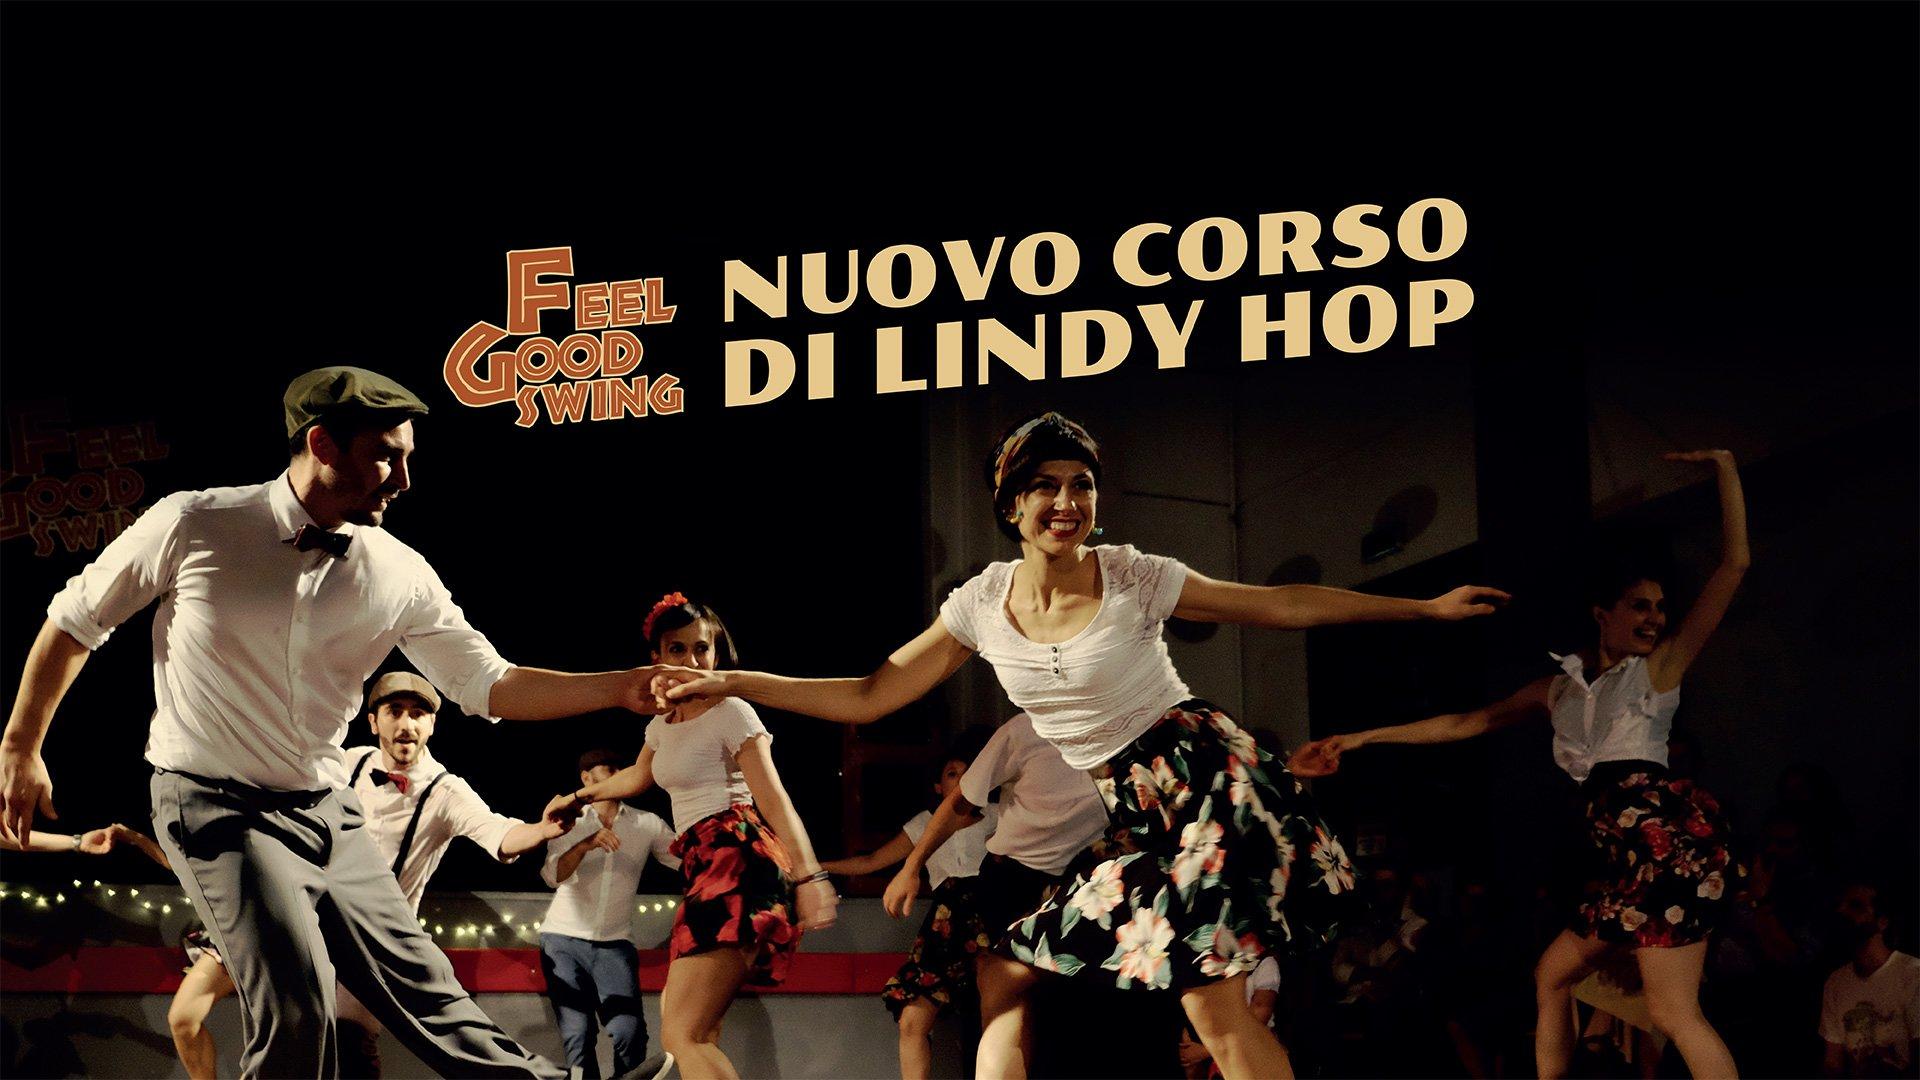 Nuovo corso di Lindy Hop